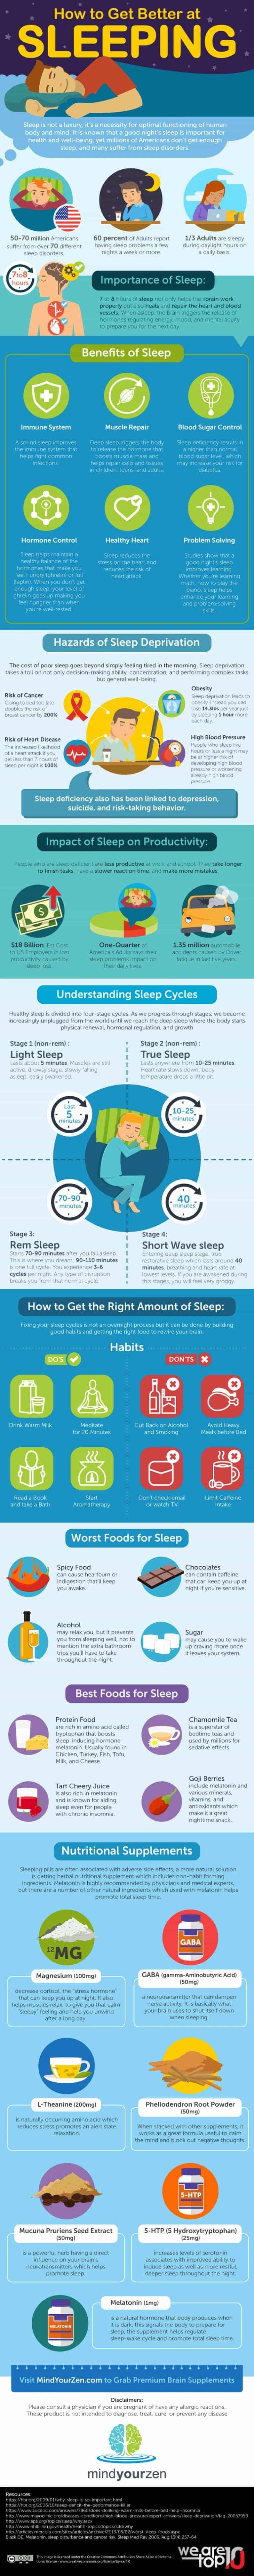 Improving Sleep Habits